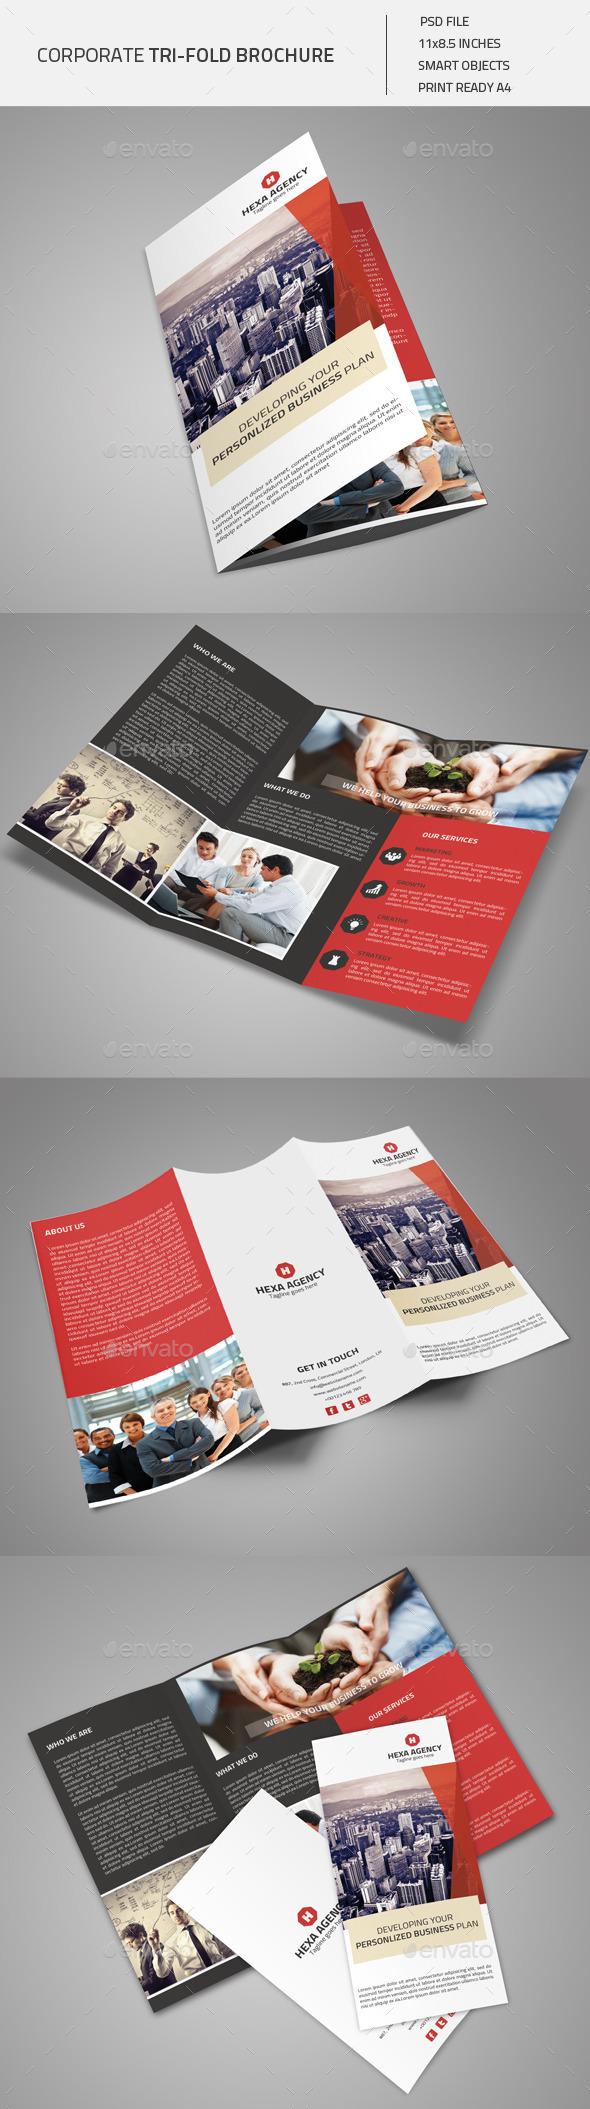 GraphicRiver Corporate Tri-fold Brochure 01 8929868